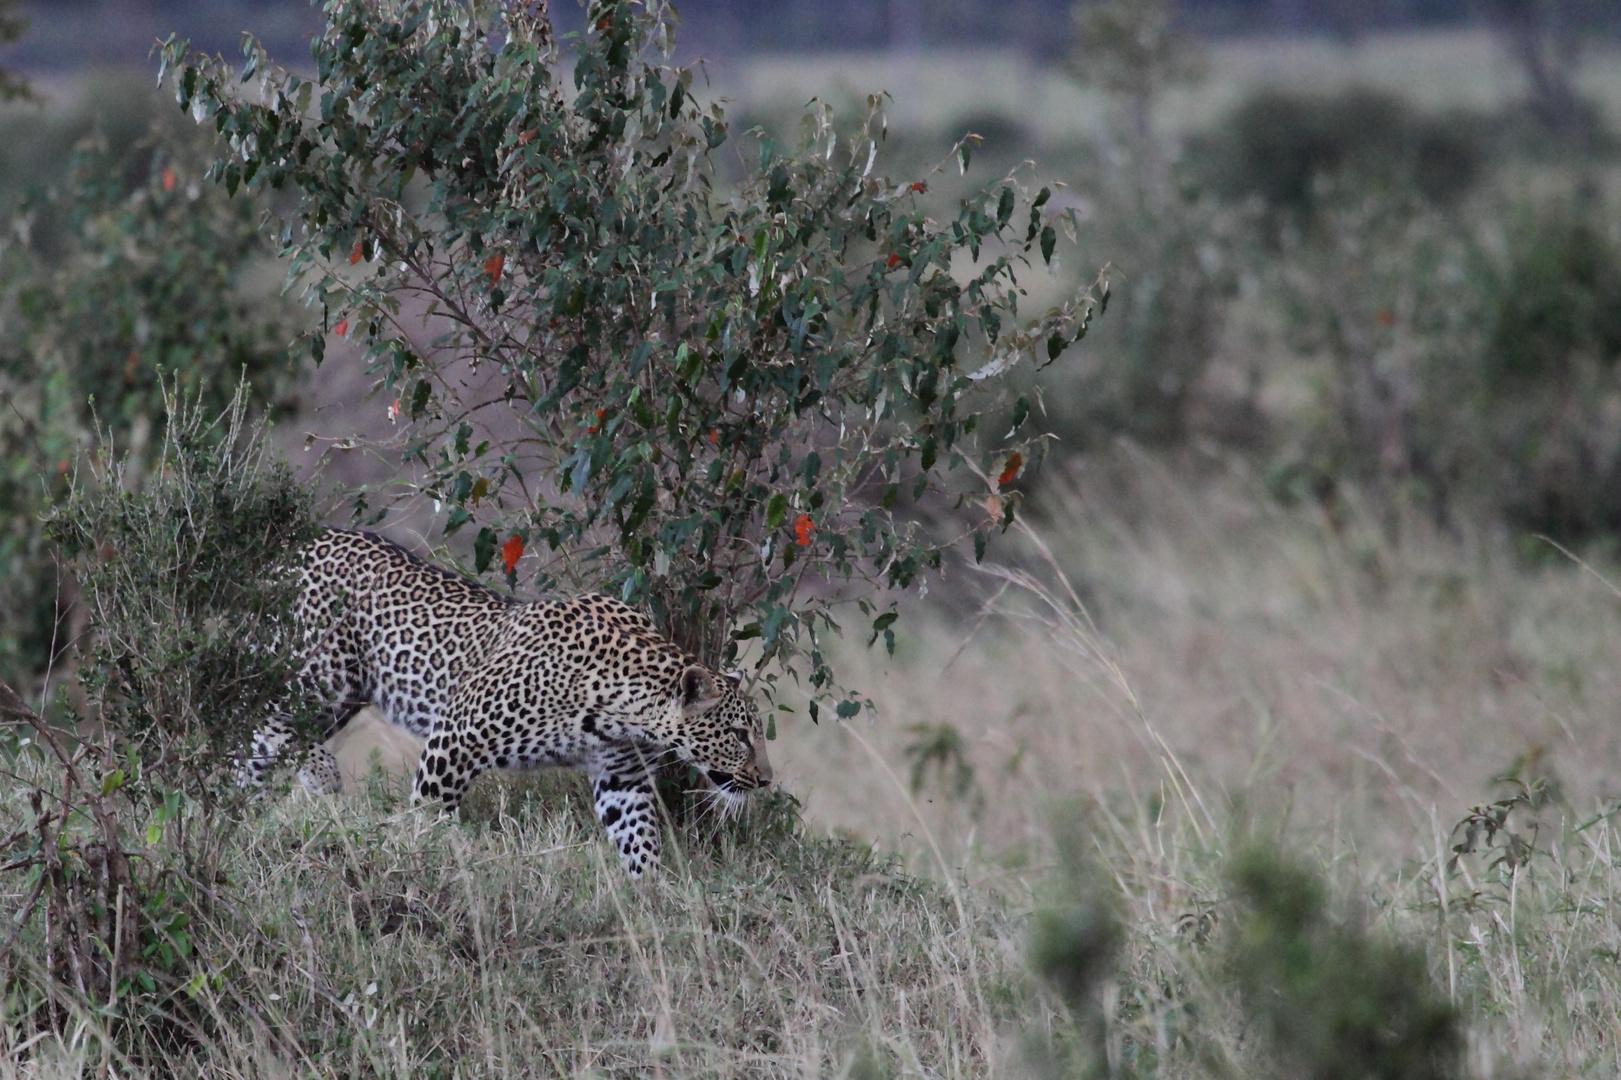 Leopard in der Abenddämmerung